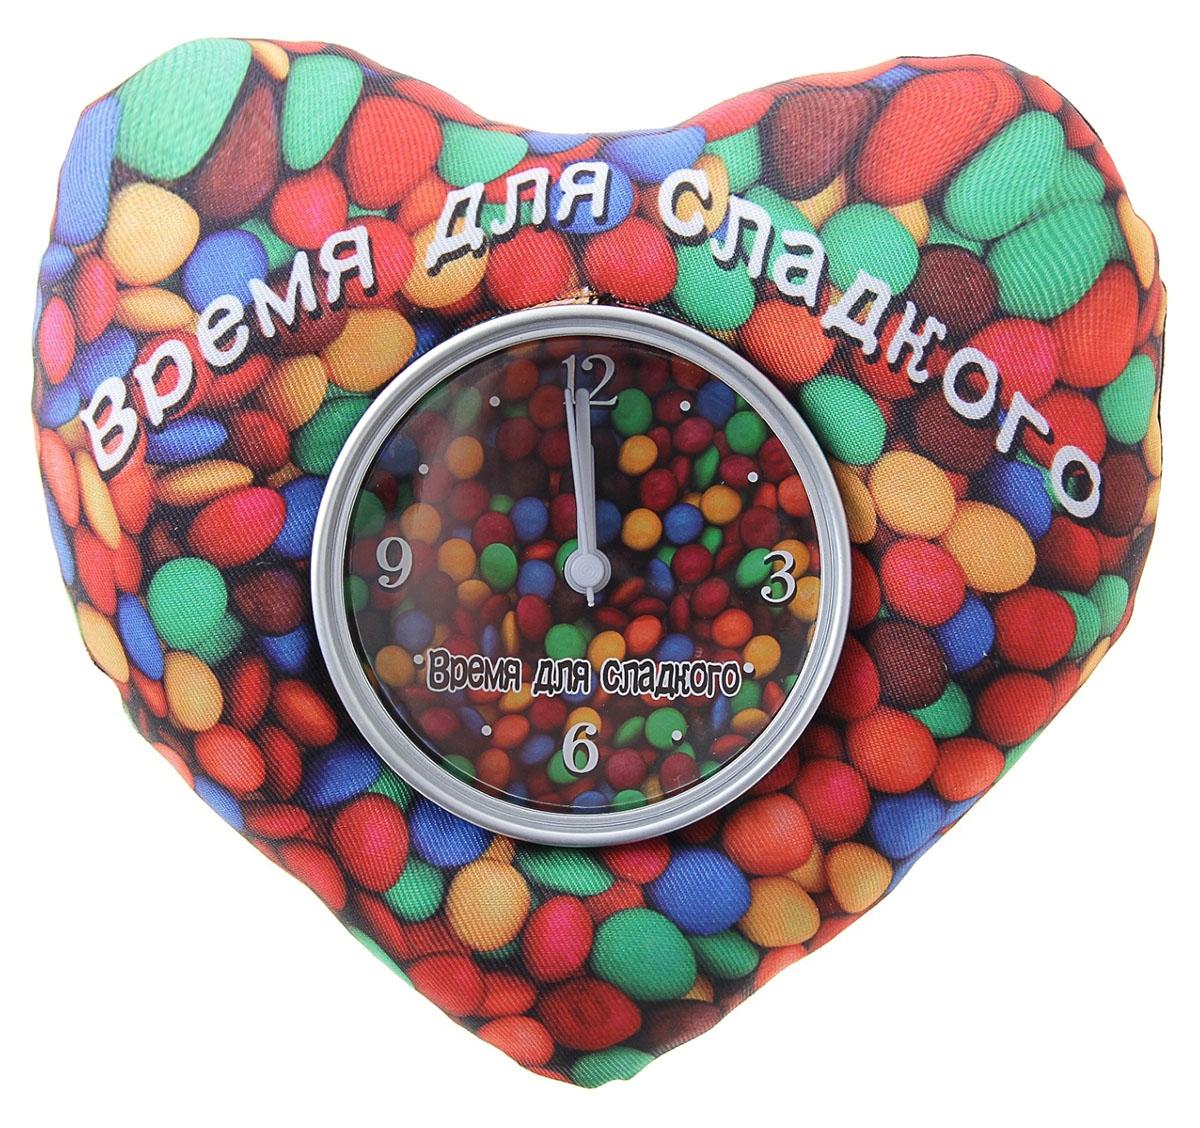 Часы настольные Сладкое драже, 16 х 19 см. 760848760848Такого мы еще не видели! Мягкие настольные часы, которые потрясают воображение. ##Name## – это удивительной красоты подарок для любимых, который способен в полной мере выразить ваши чувства. Вторая половинка останется в восторге от такого знака внимания. В чем же преимущества этой модели? Форма Оригинальность идеи Универсальность в использовании Смелость выбора цвета при создании такого совершенства Чувственная надпись, способная сказать за вас многое Надежная подставка Удобный «читаемый» циферблат Еще сомневаетесь? Тогда вот еще несколько аргументов: часы послужат вам удобной подушкой в случае, если ожидание спутницы затянется на неопределенный срок; имея под рукой такие мягкие часики, уверяем, вы избежите жертв при скандале, ведь кидаться ими не только безболезненно, но и забавно; а на случай, если вы решили отдохнуть Часы настольные Время для сладкого, магнит и подставка – идеальный вариант. Мягкую часть используйте в качестве подушки, а часы, чтобы следить за временем; также обратите внимание: мягкий «корпус» спасет часовой механизм от всех ударов судьбы. Представьте лицо любимого человека, когда он будет принимать от вас такой знак внимания. Мы вас уверяем, без улыбки и слов благодарности здесь не обойдется. Поэтому спешите, заказывайте Часы настольные Время для сладкого, магнит и подставка прямо сейчас и спешите на свидание к любимому человеку.